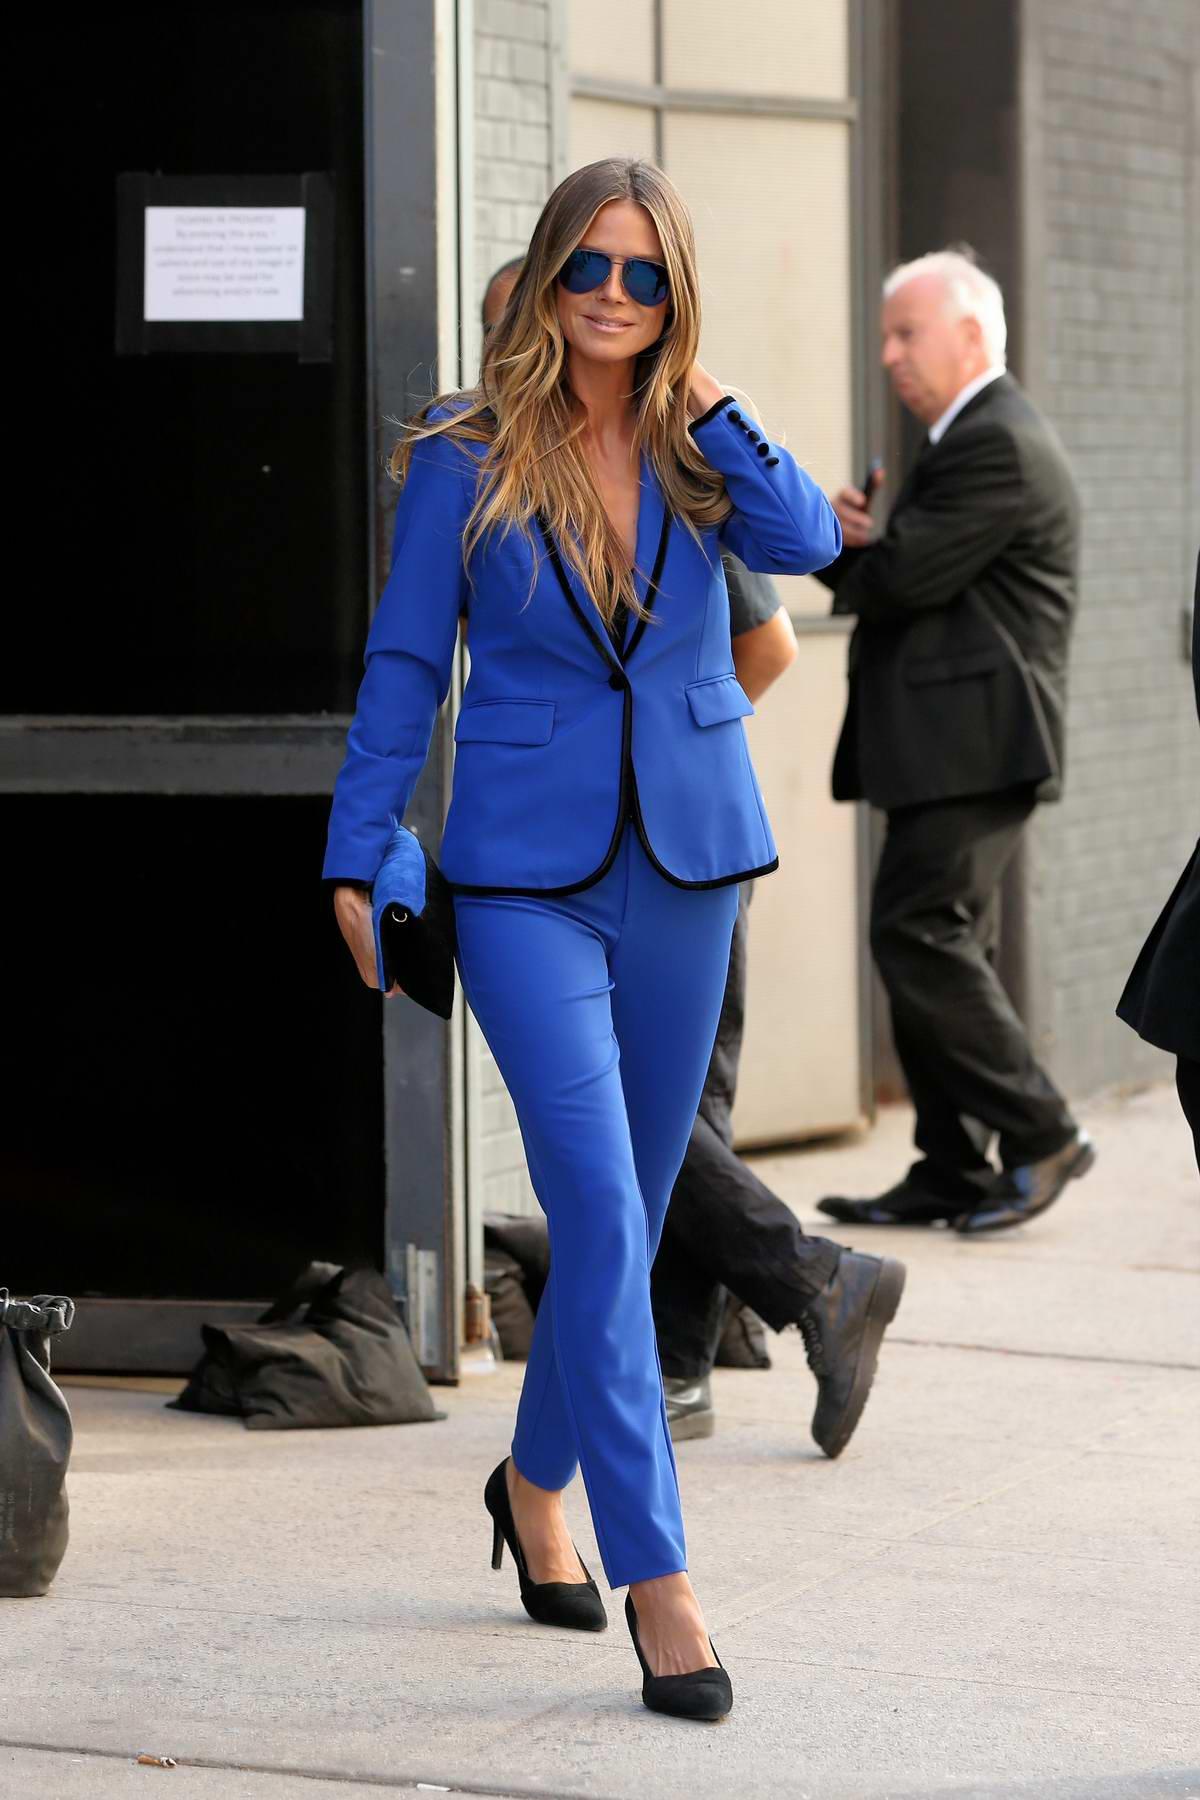 Heidi Klum in a blue pants suit leaves Art Beam in New York